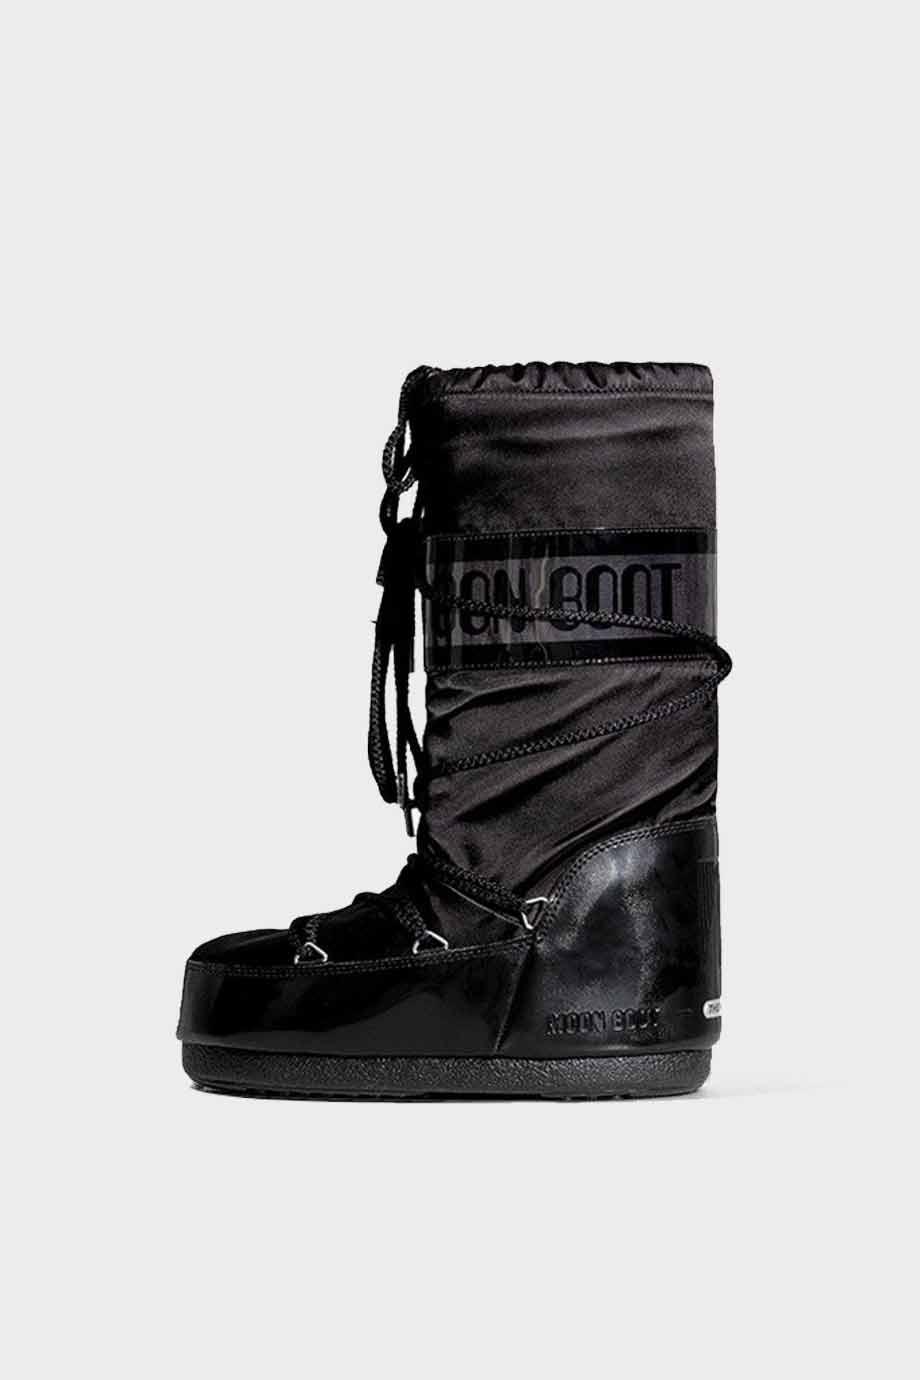 spiridoula metheniti shoes xalkida p 14016800 003 black high MoonBoot 2